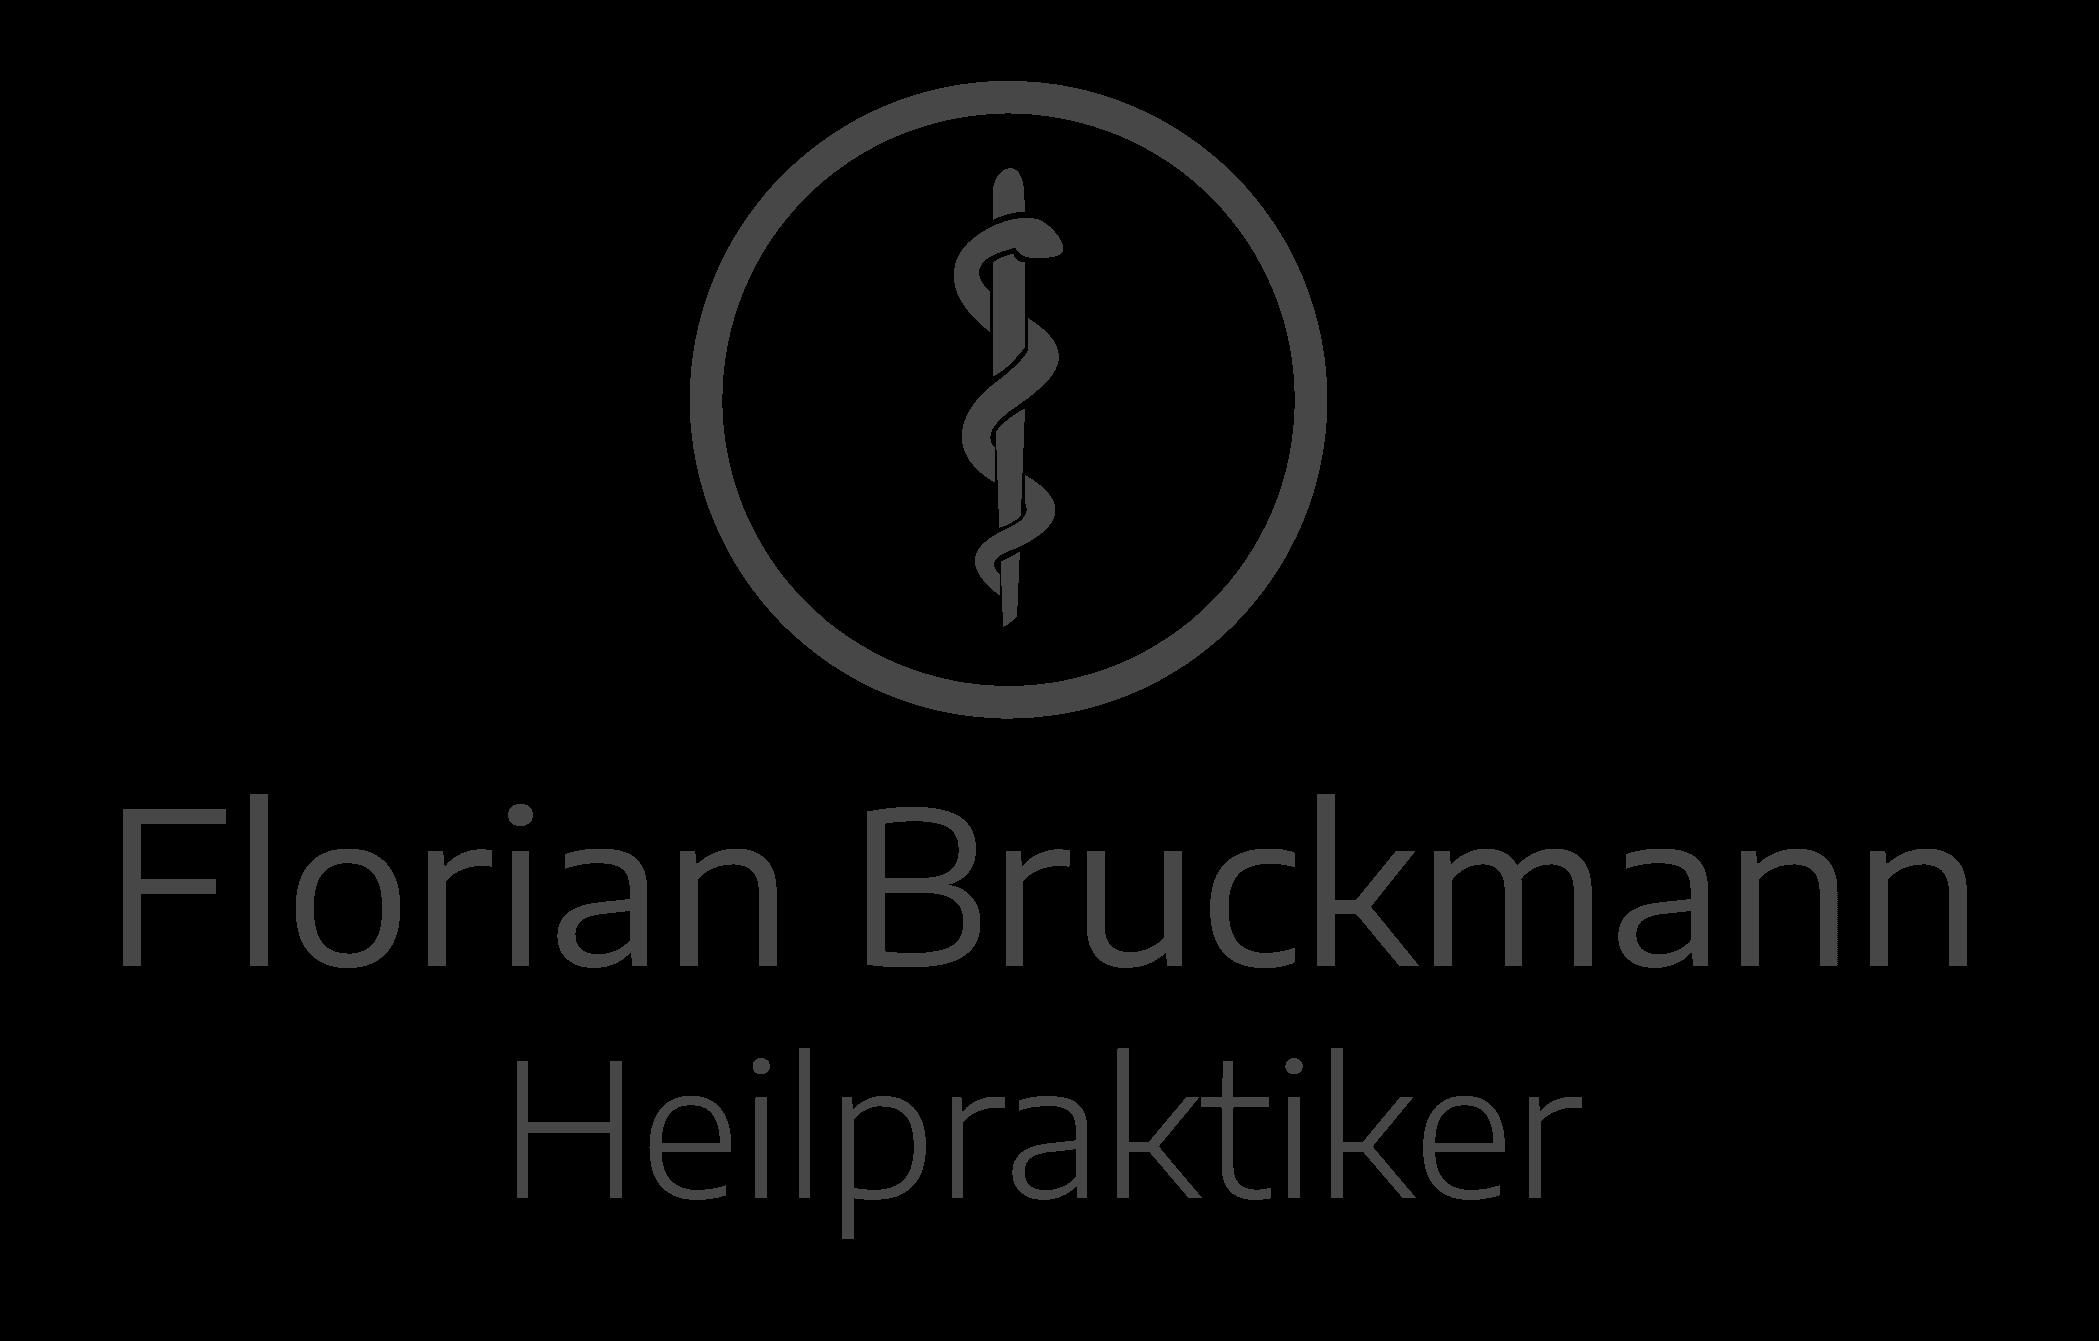 Florian Bruckmann